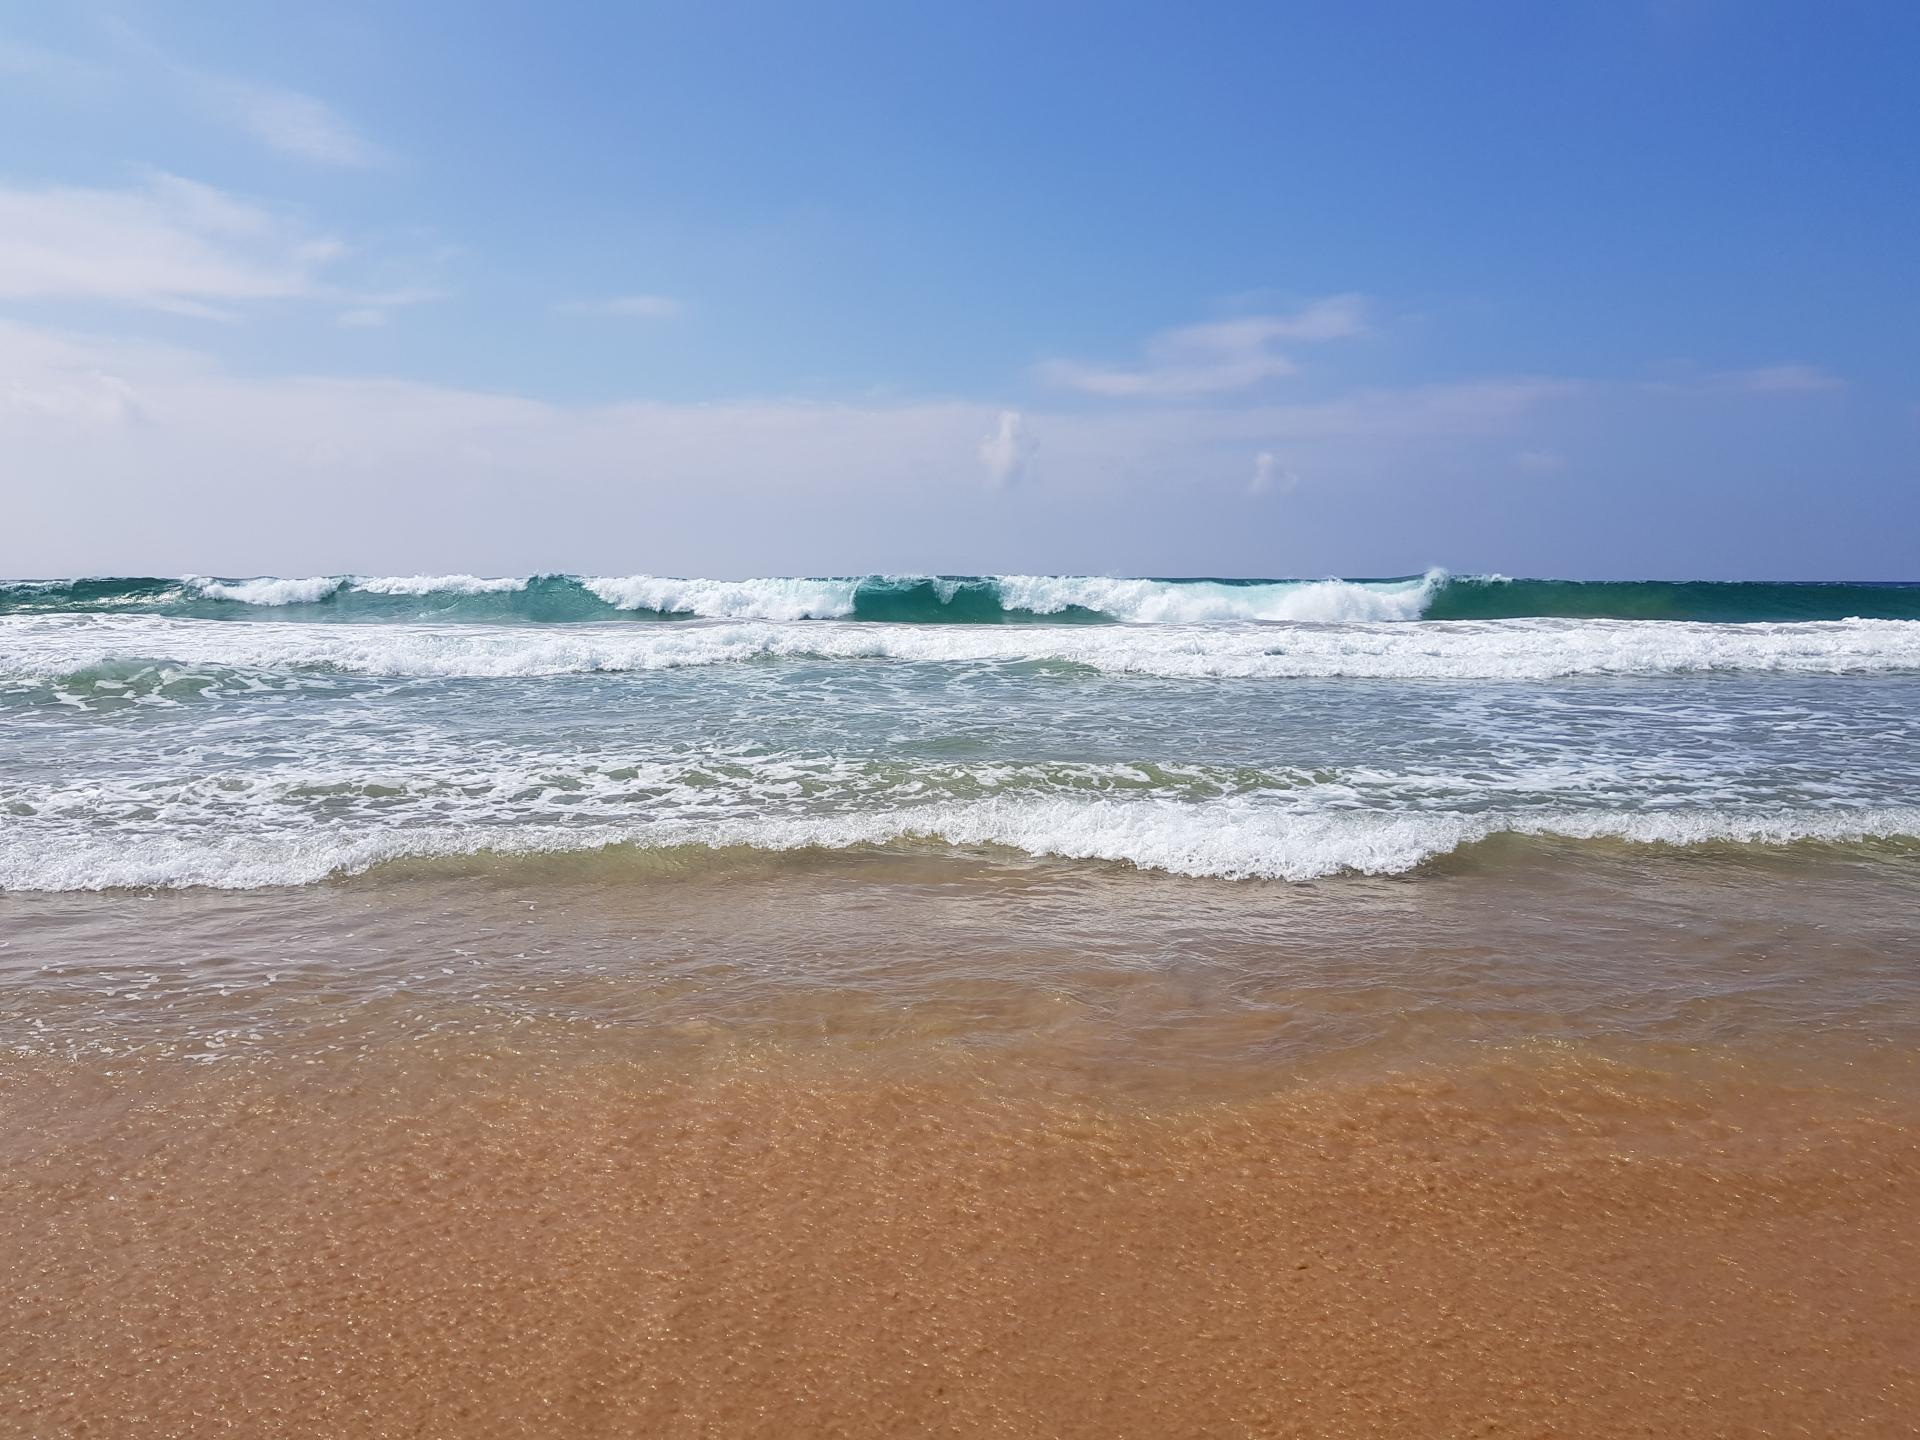 Океанские волны. Пляж Хиккадува, Шри-Ланка.